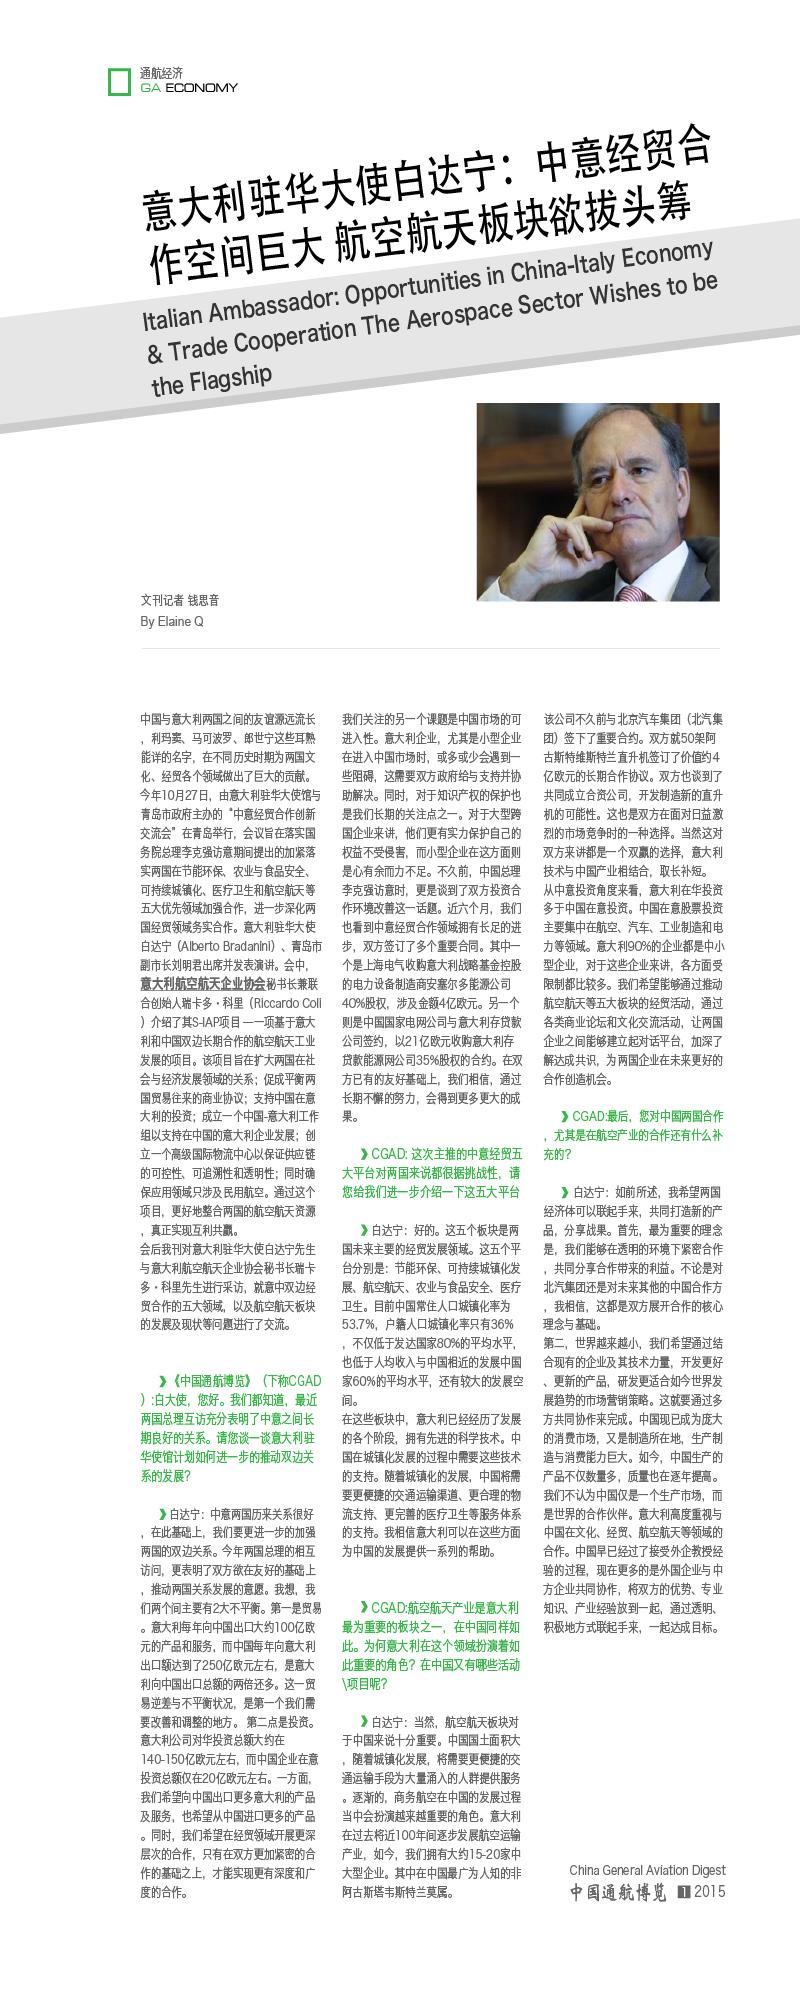 意大利驻华大使白达宁:中意经贸合作空间巨大